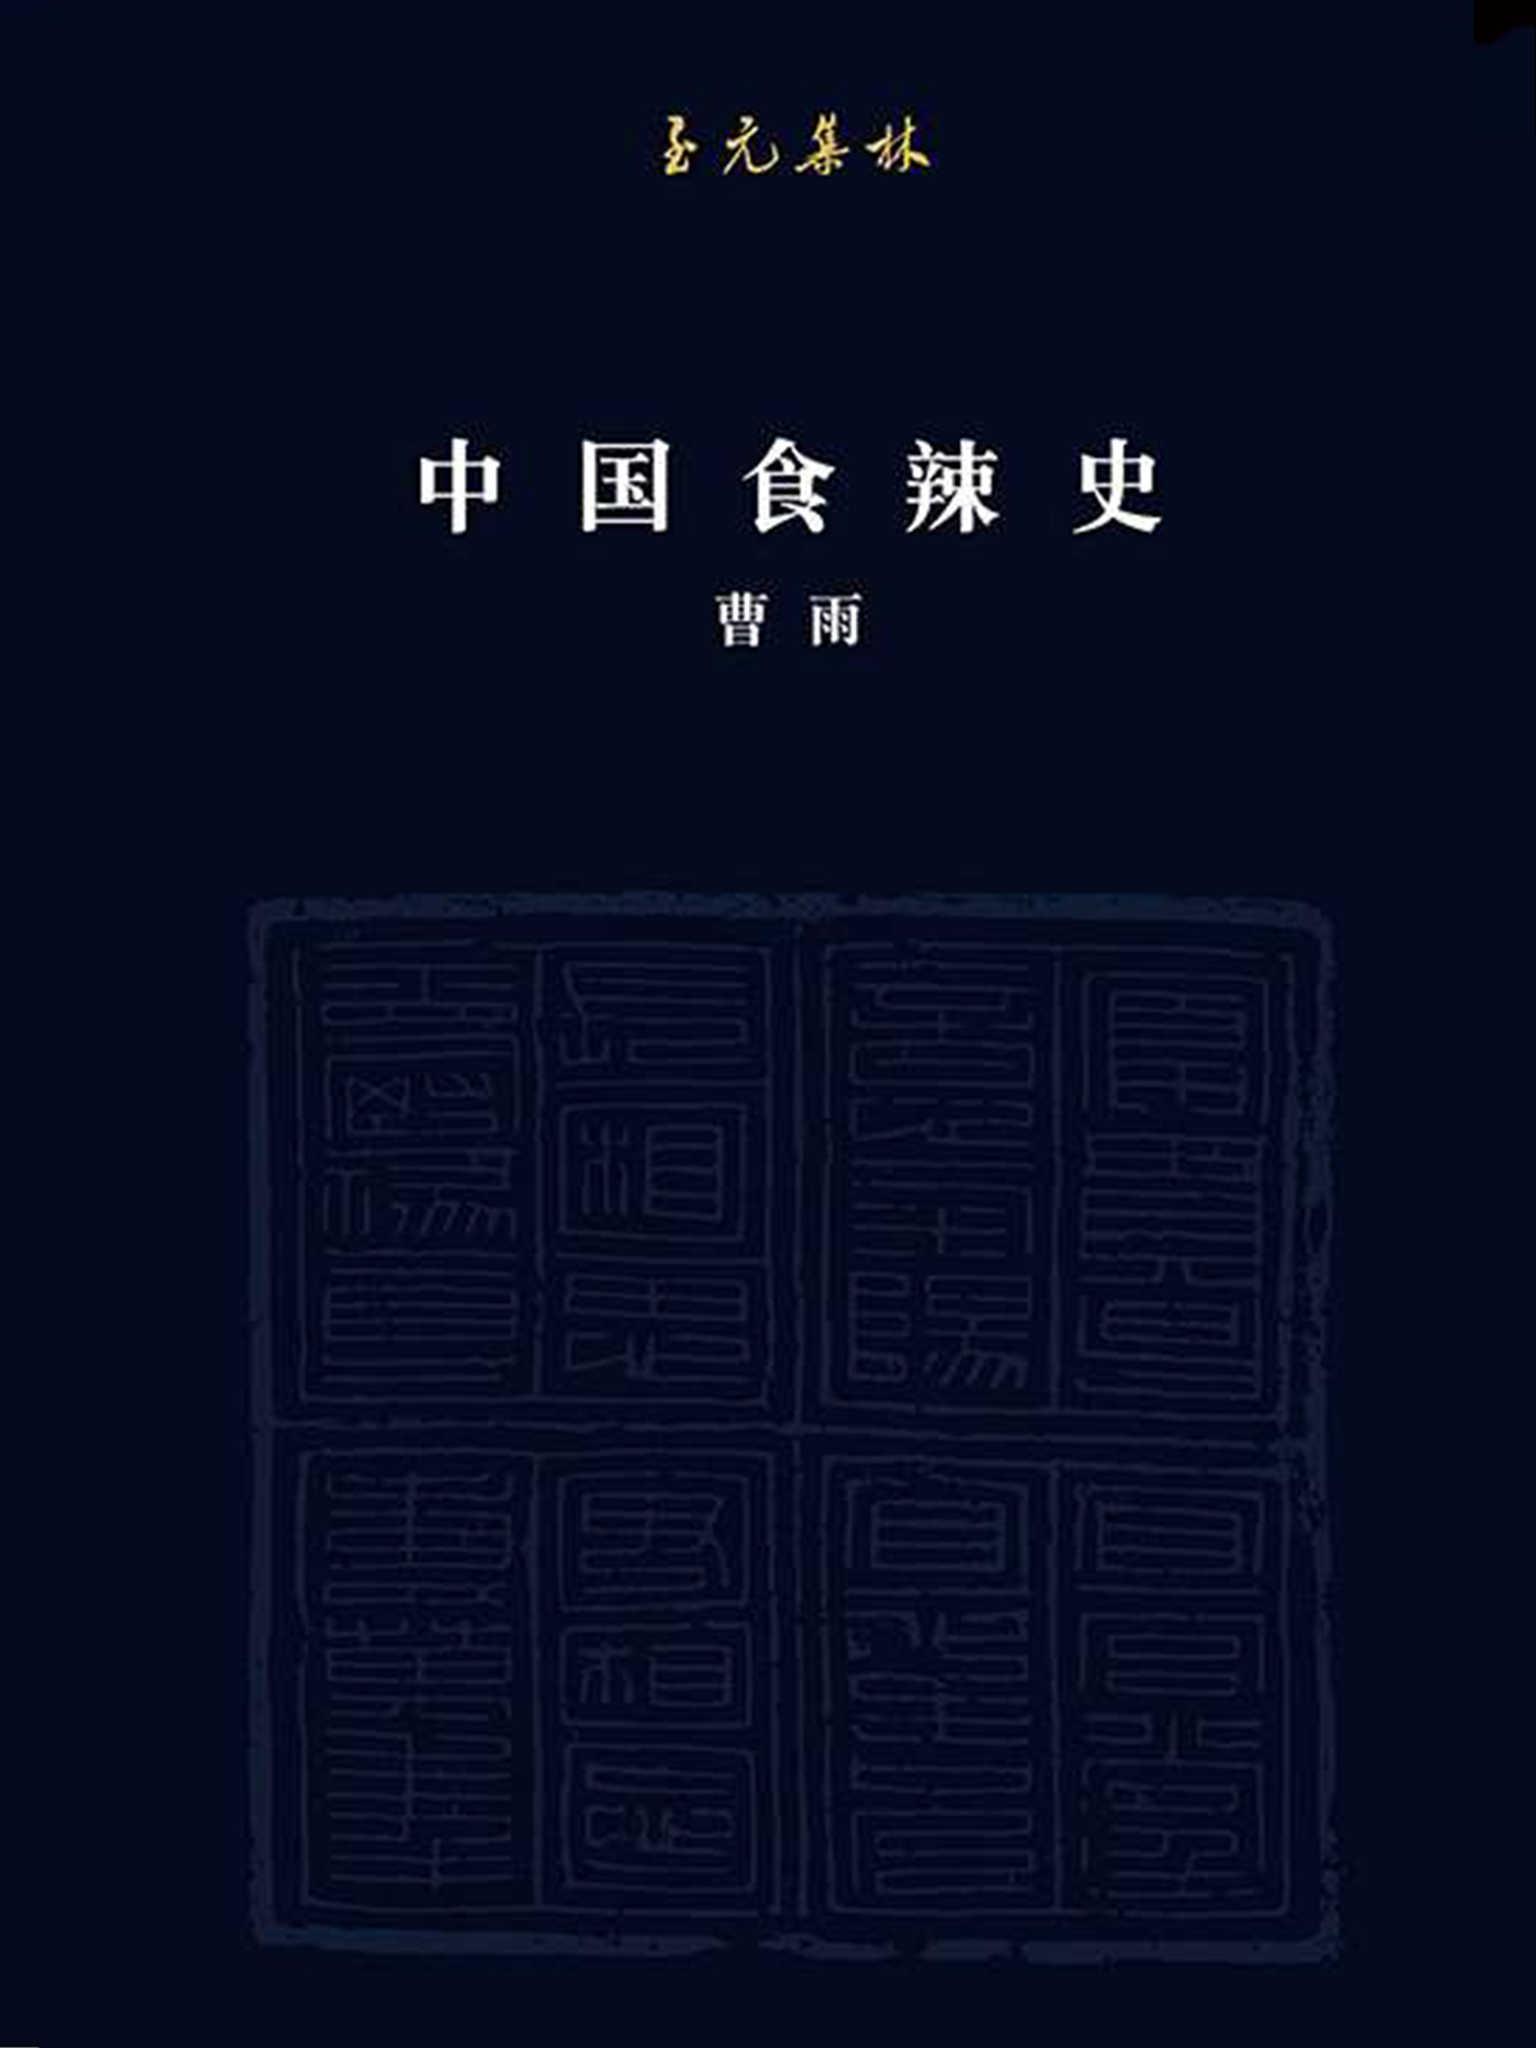 中国食辣史—曹雨—pdf+mobi+epub+txt+azw3电子书下载